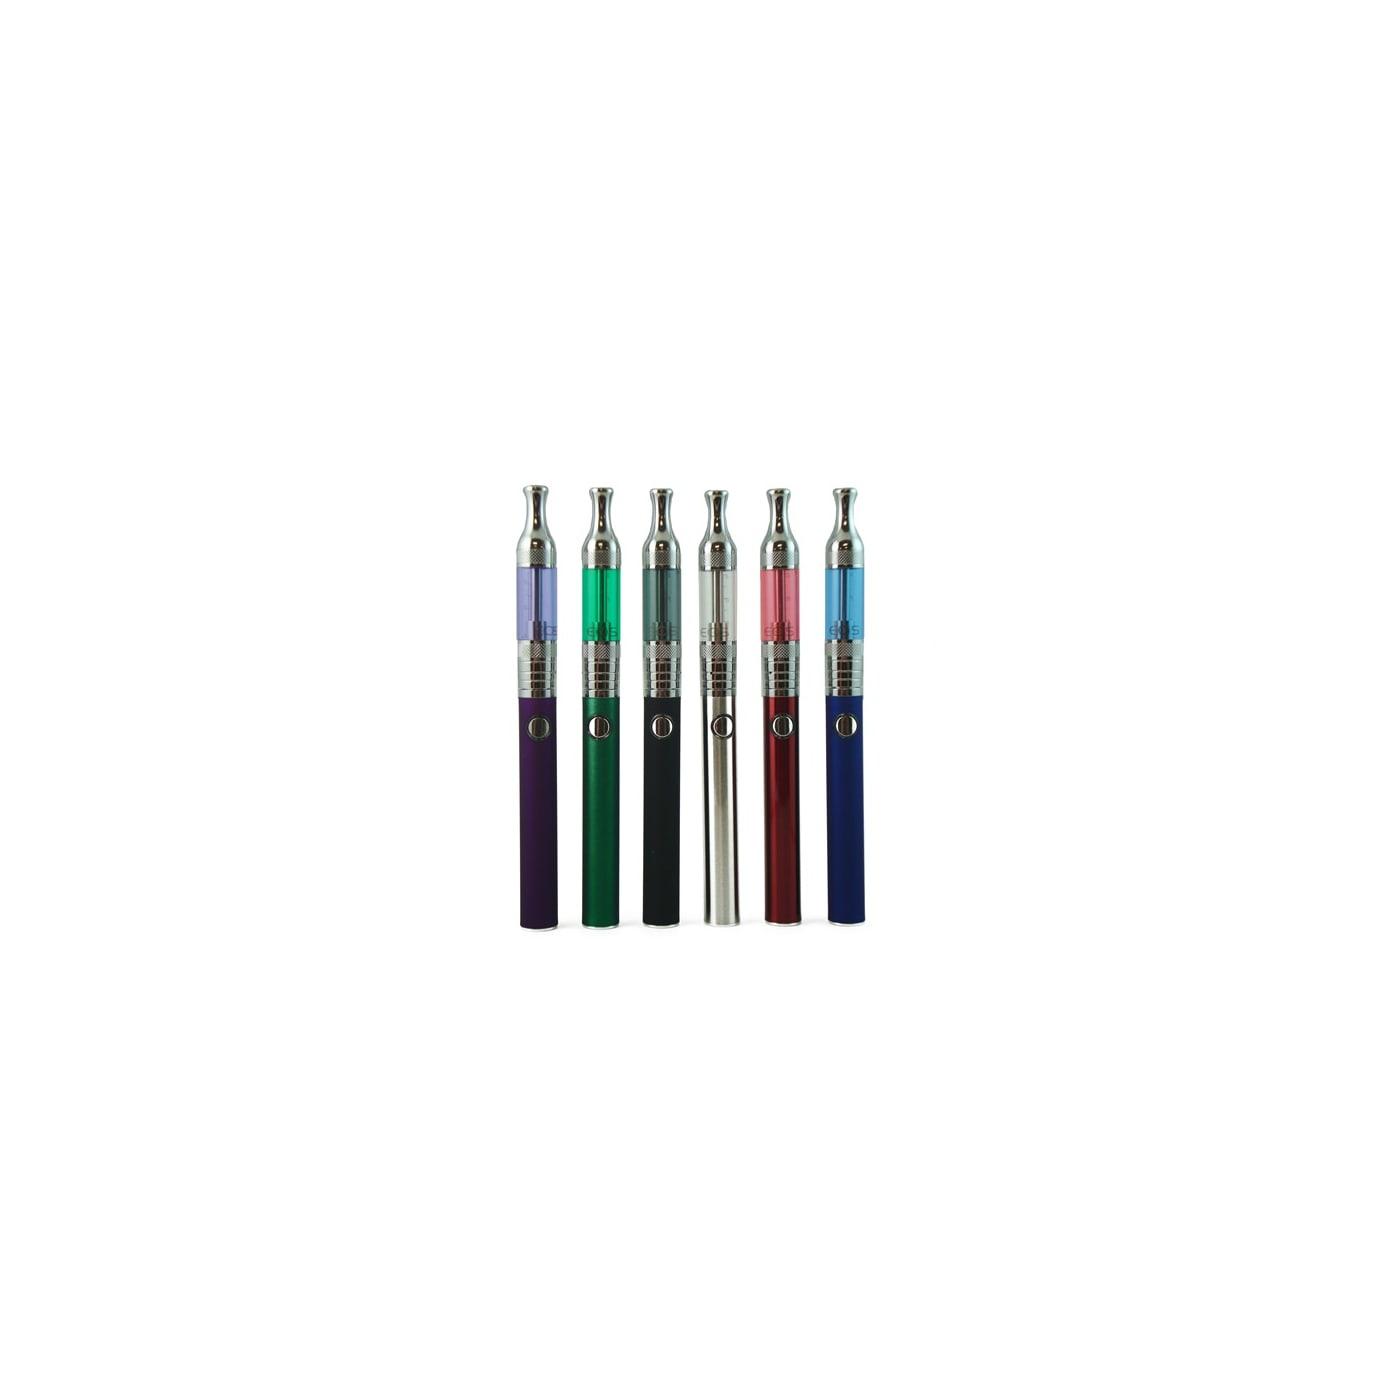 Aspire ET Starter Kit 900 mAh Colors